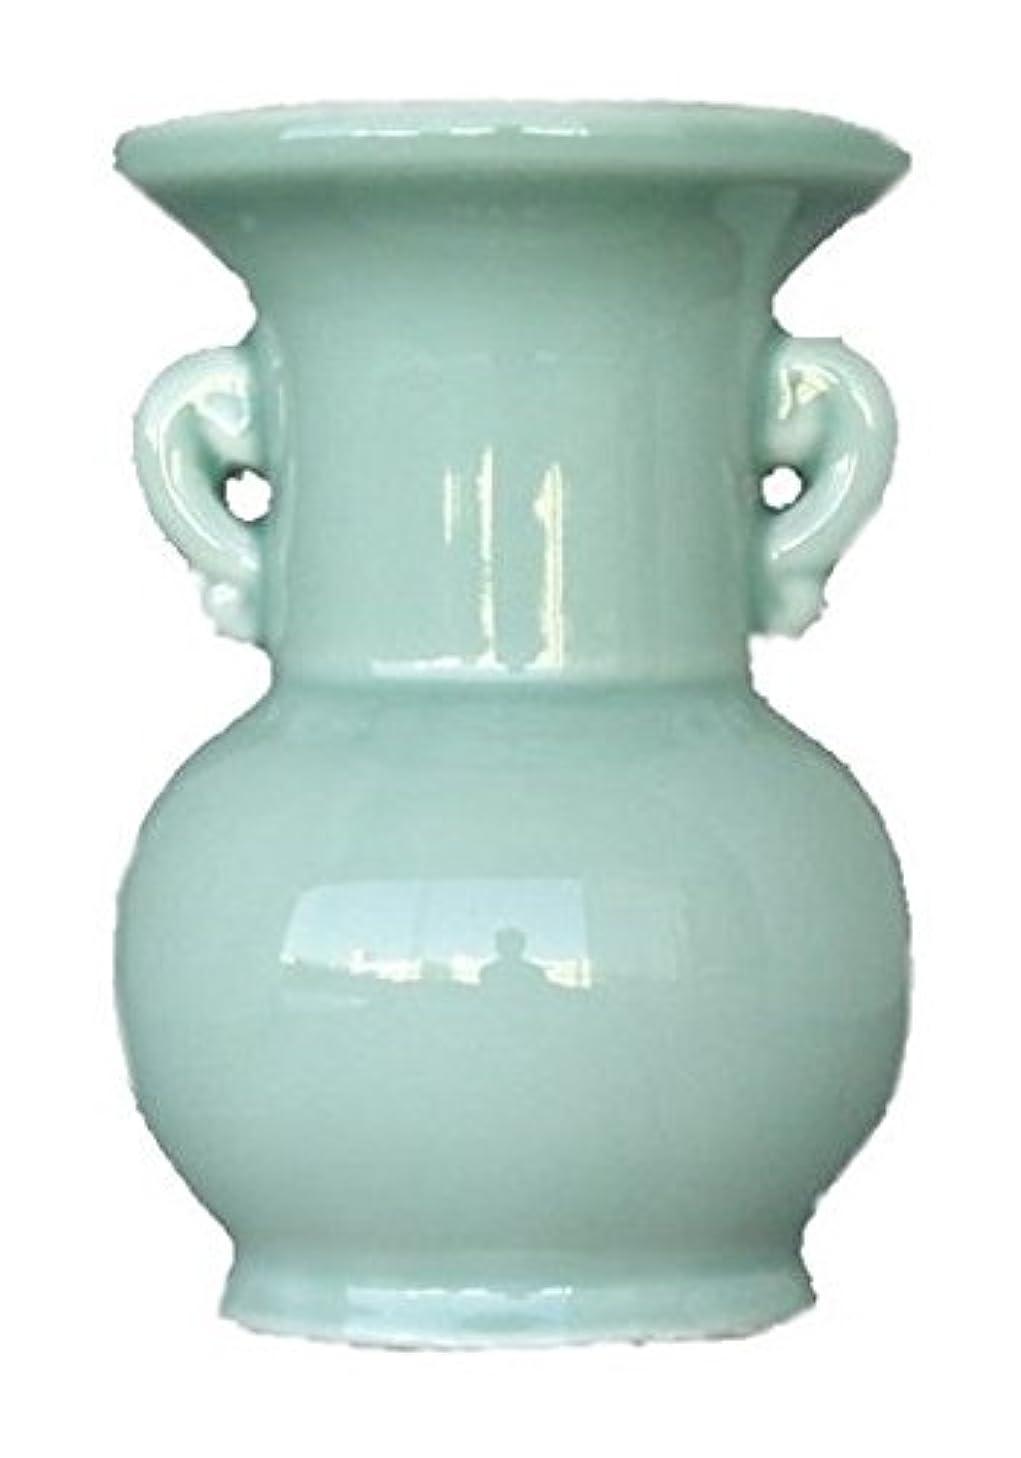 上にアーティスト振り返る仏具用 花瓶 青 大 4寸